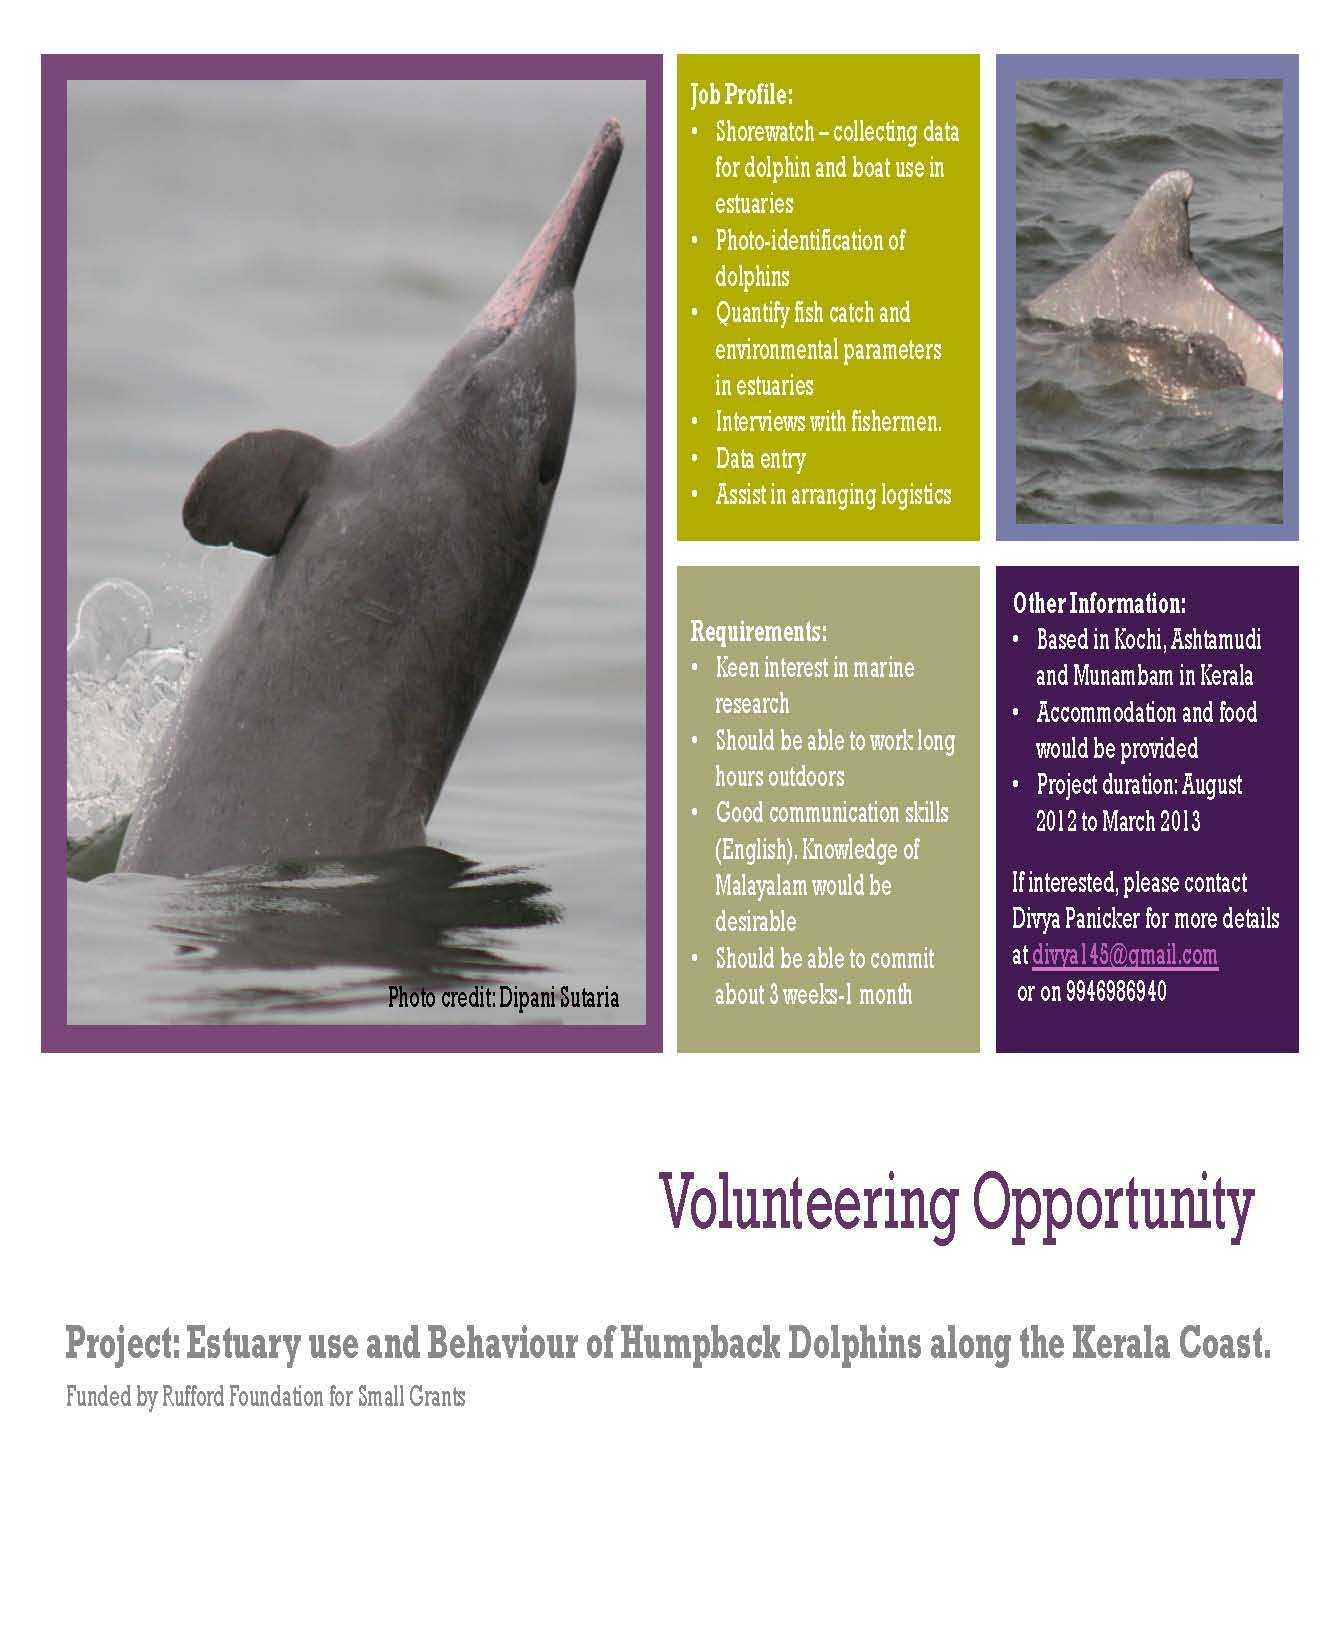 Volunteering-opportunity-Kochi-Low.jpg#a